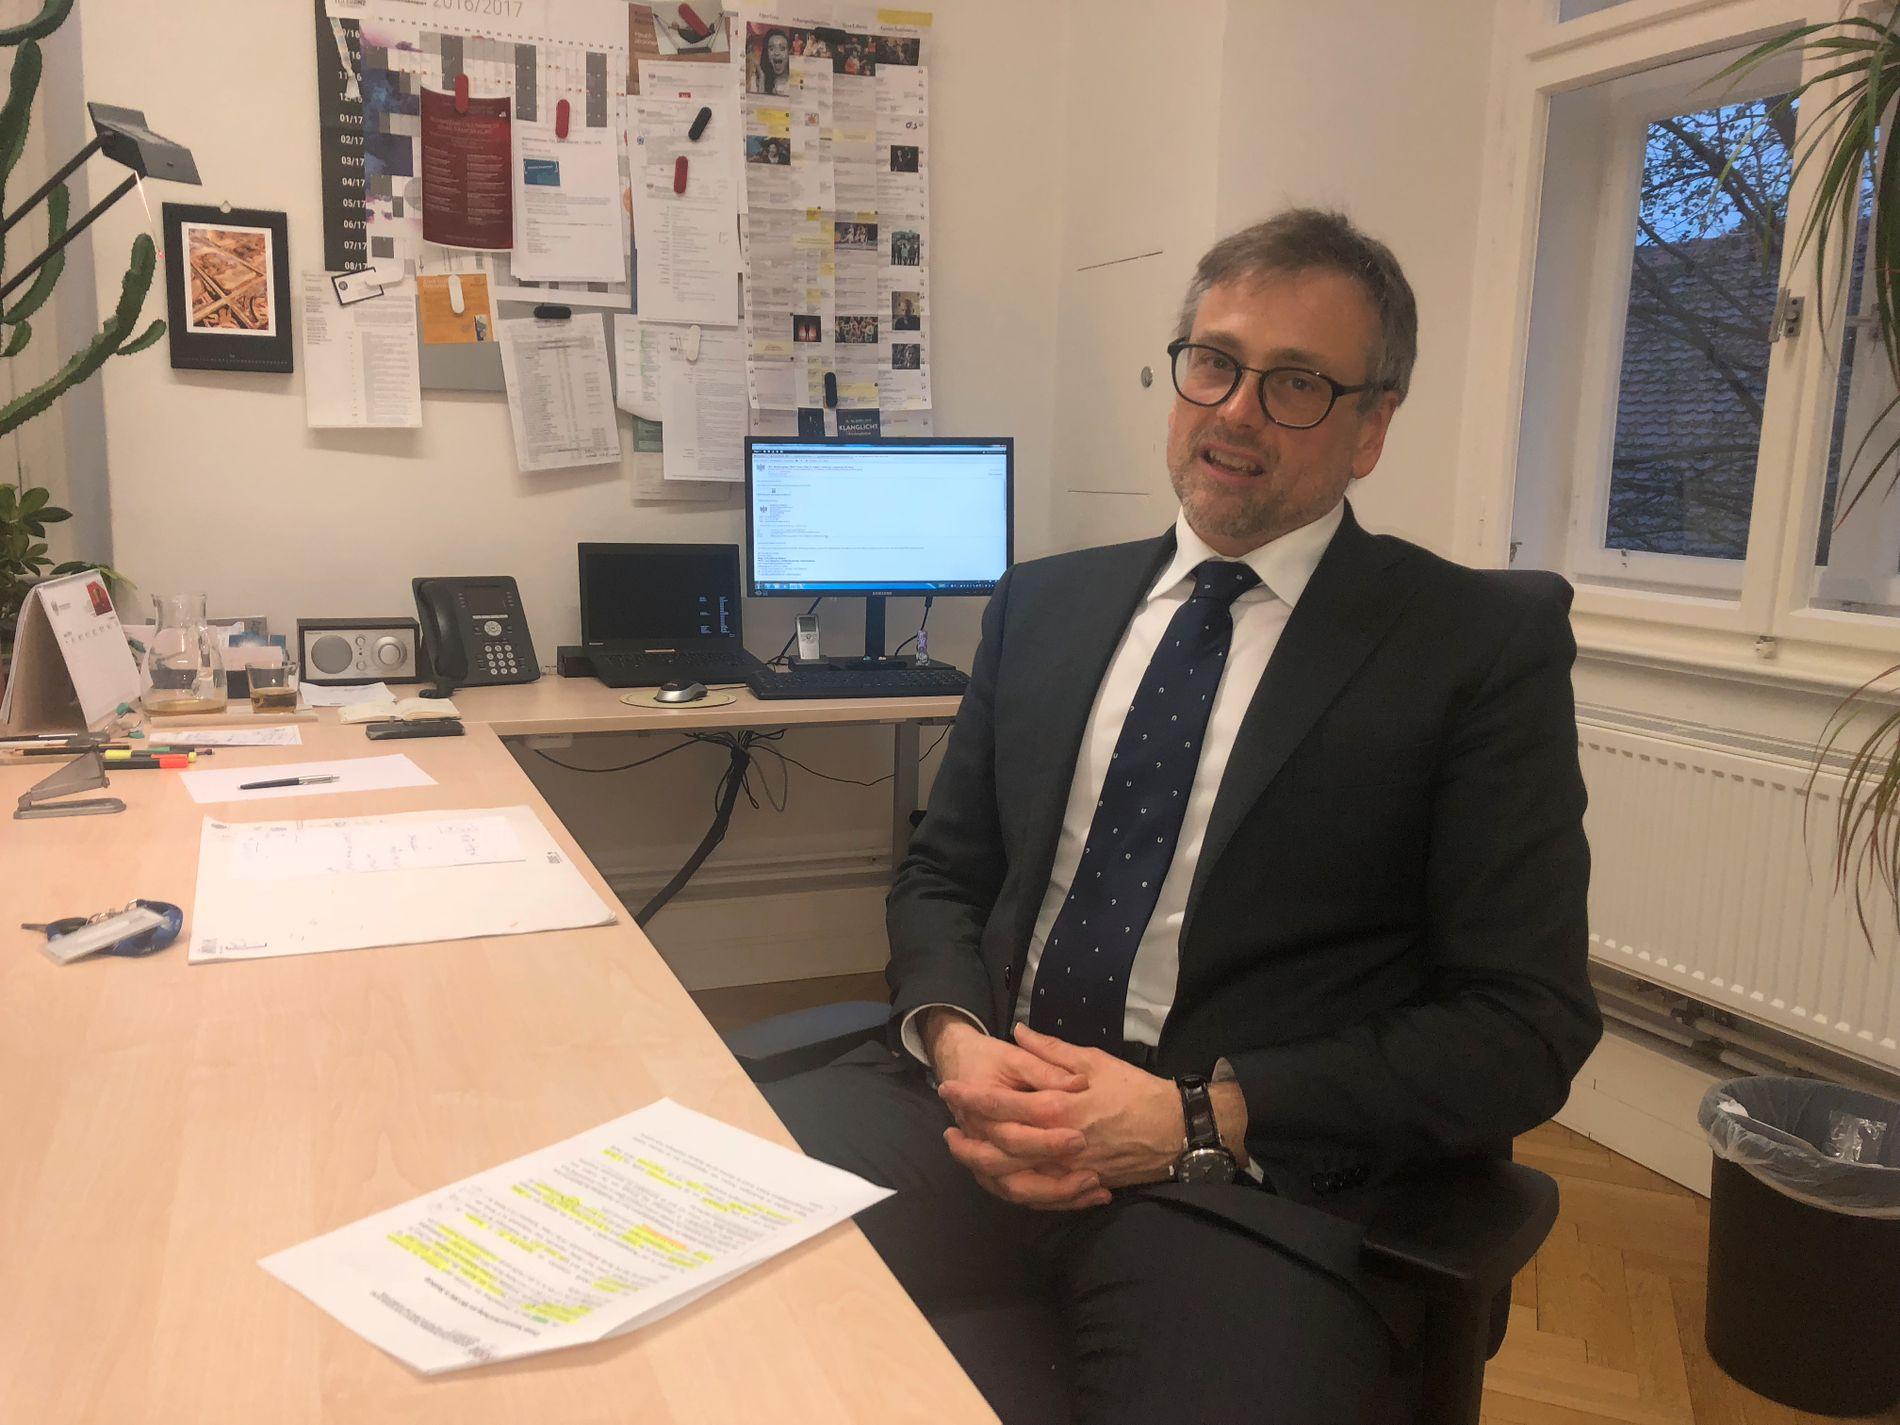 ETTERFORSKER: Statsadvokat Konrad Kmetic på sitt kontor i Graz torsdag kveld.